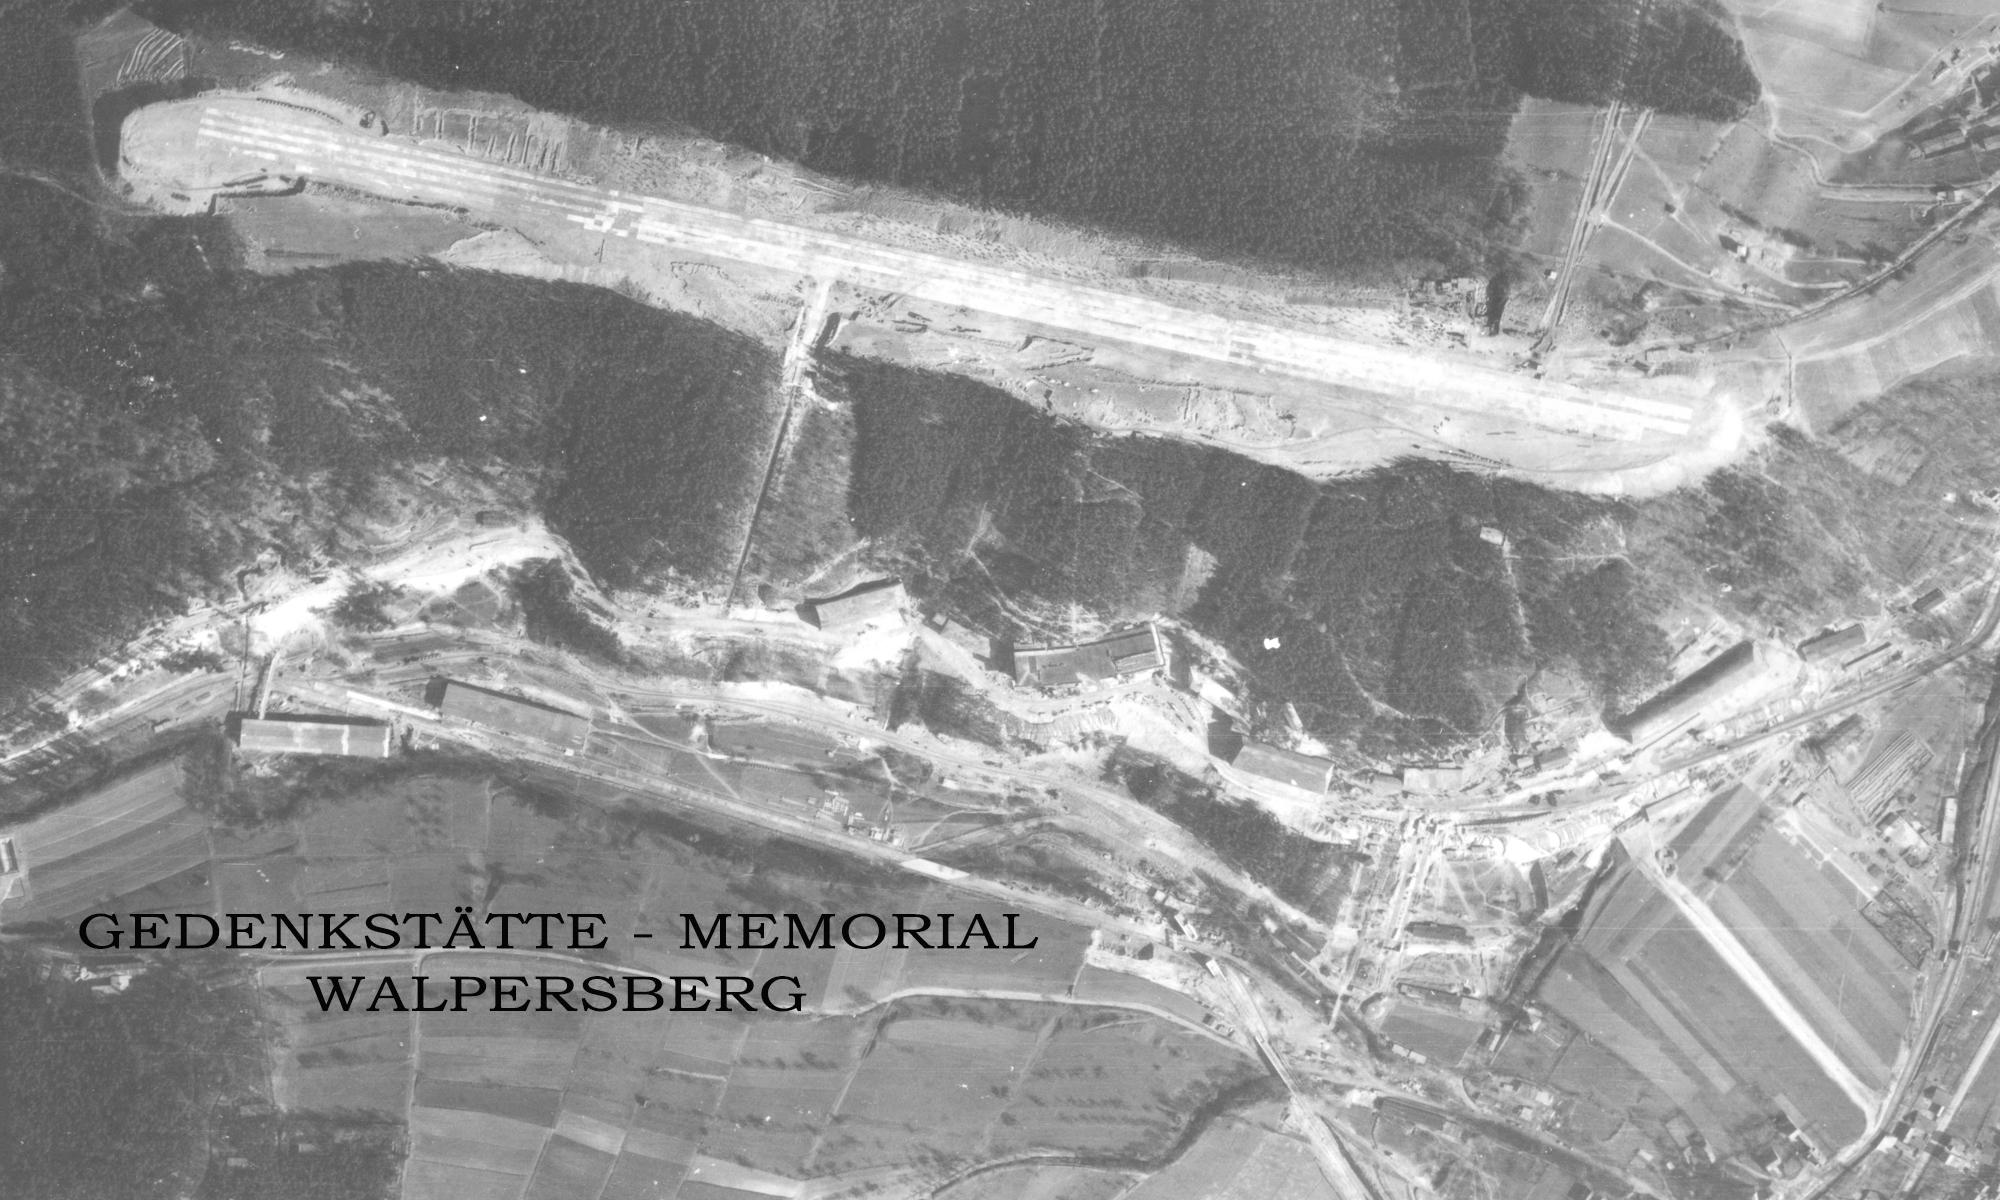 Gedenkstätte – Memorial WALPERSBERG